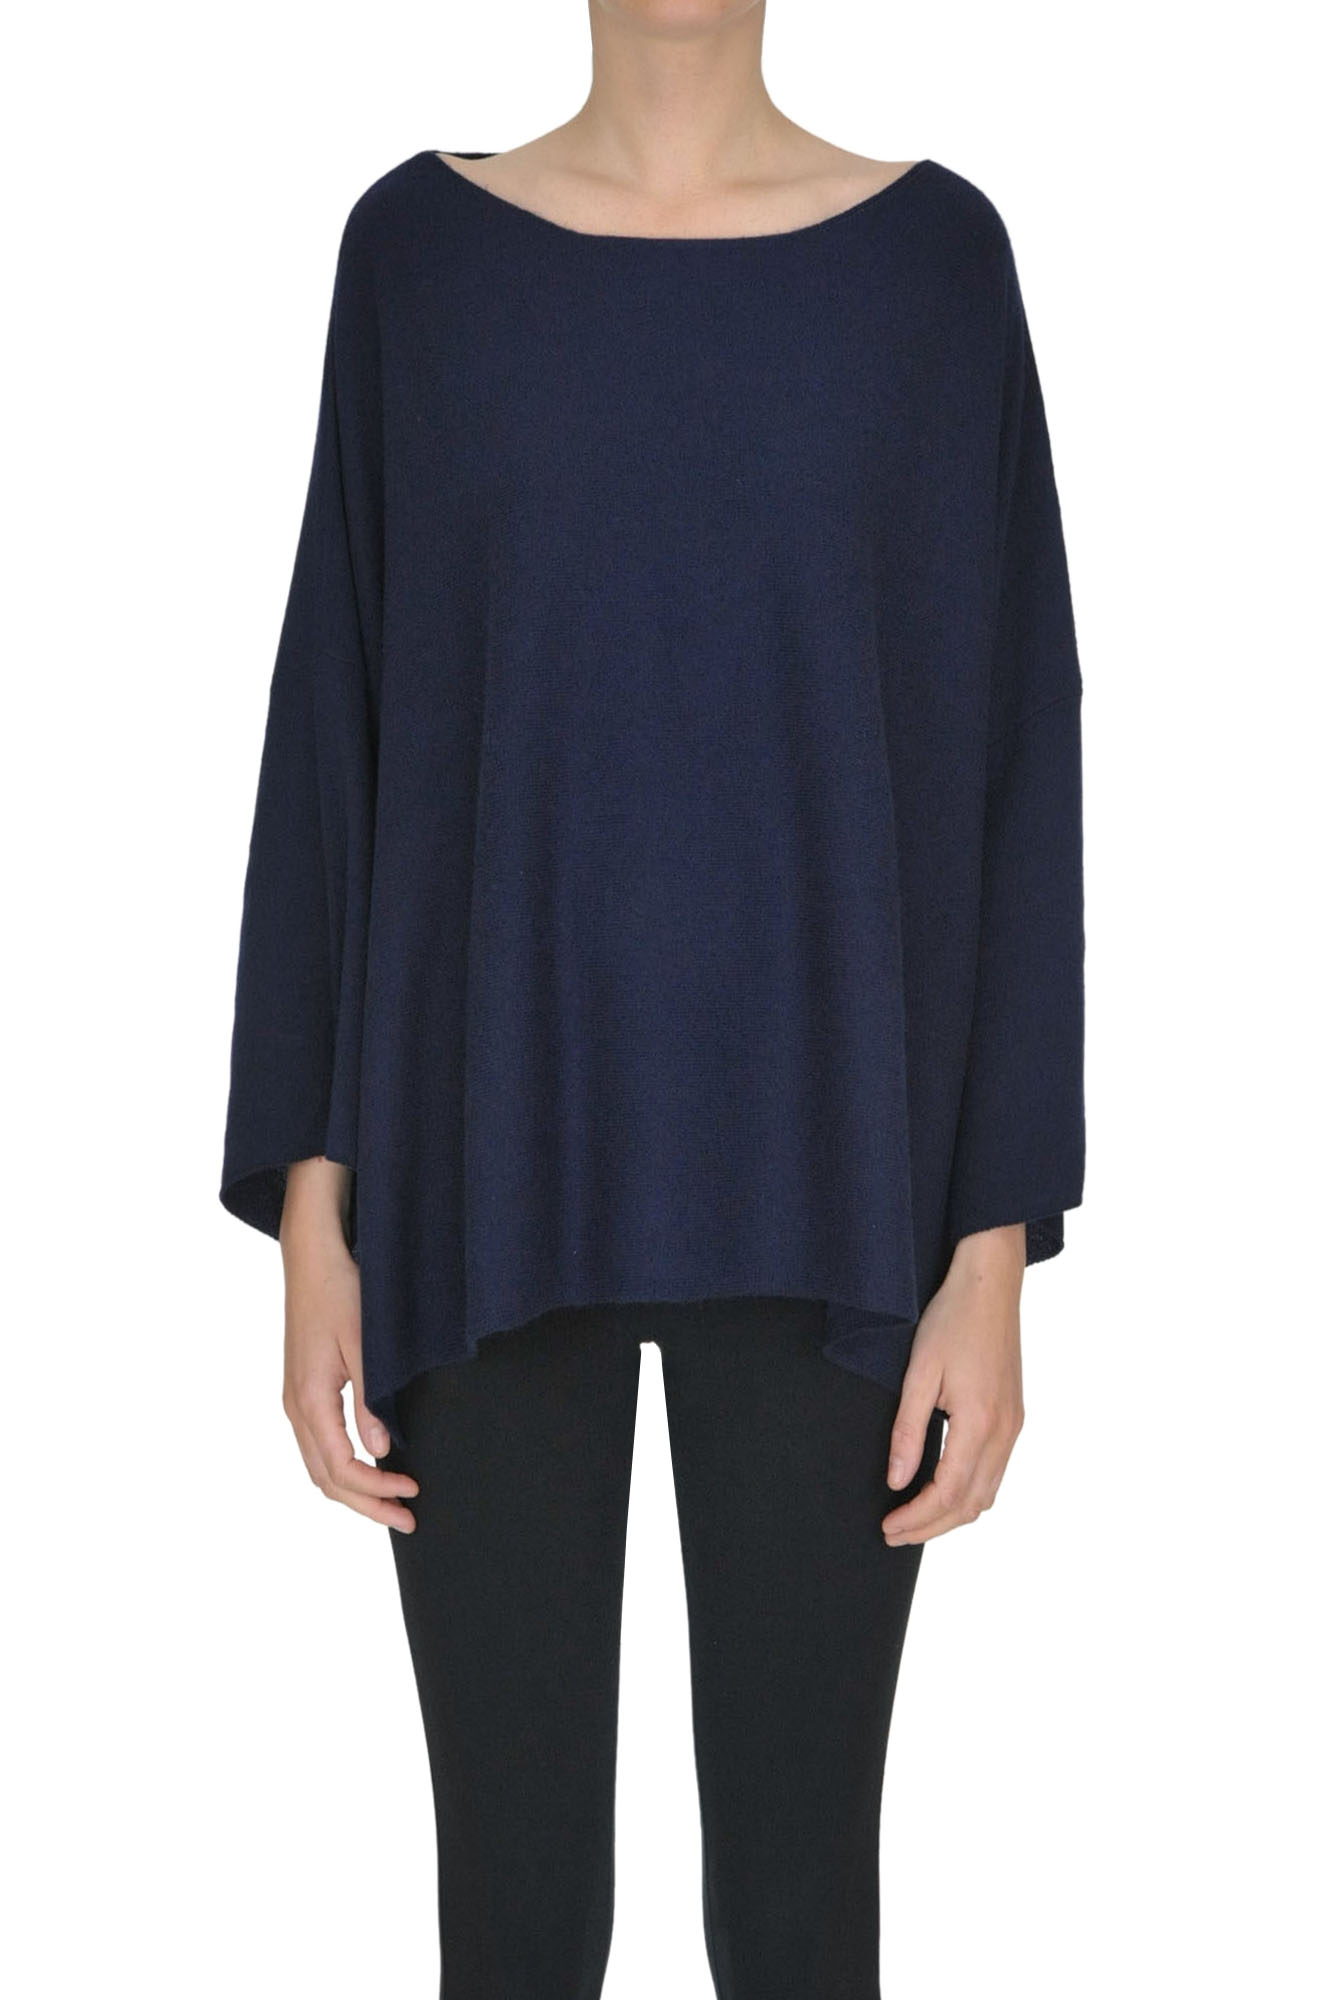 ALYKI Cashmere Pullover in Navy Blue